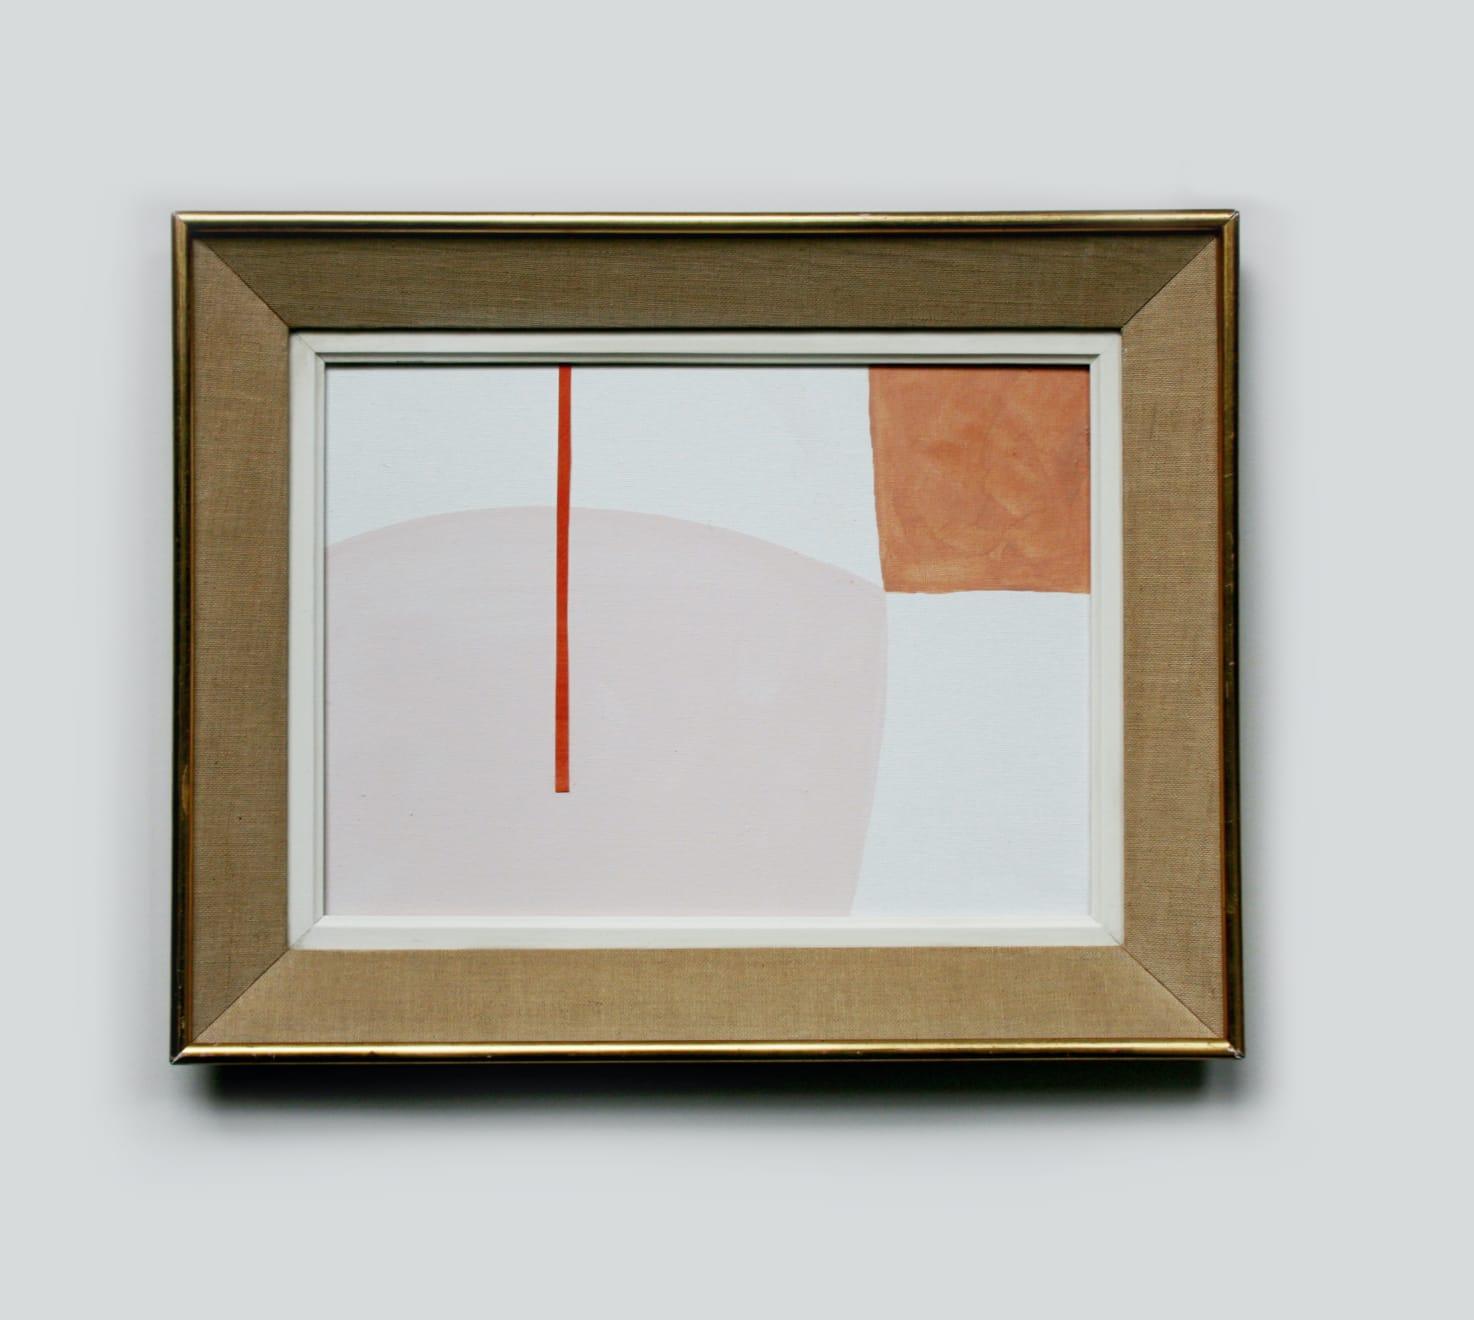 Caroline Popham, Untitled 17-01, 2017